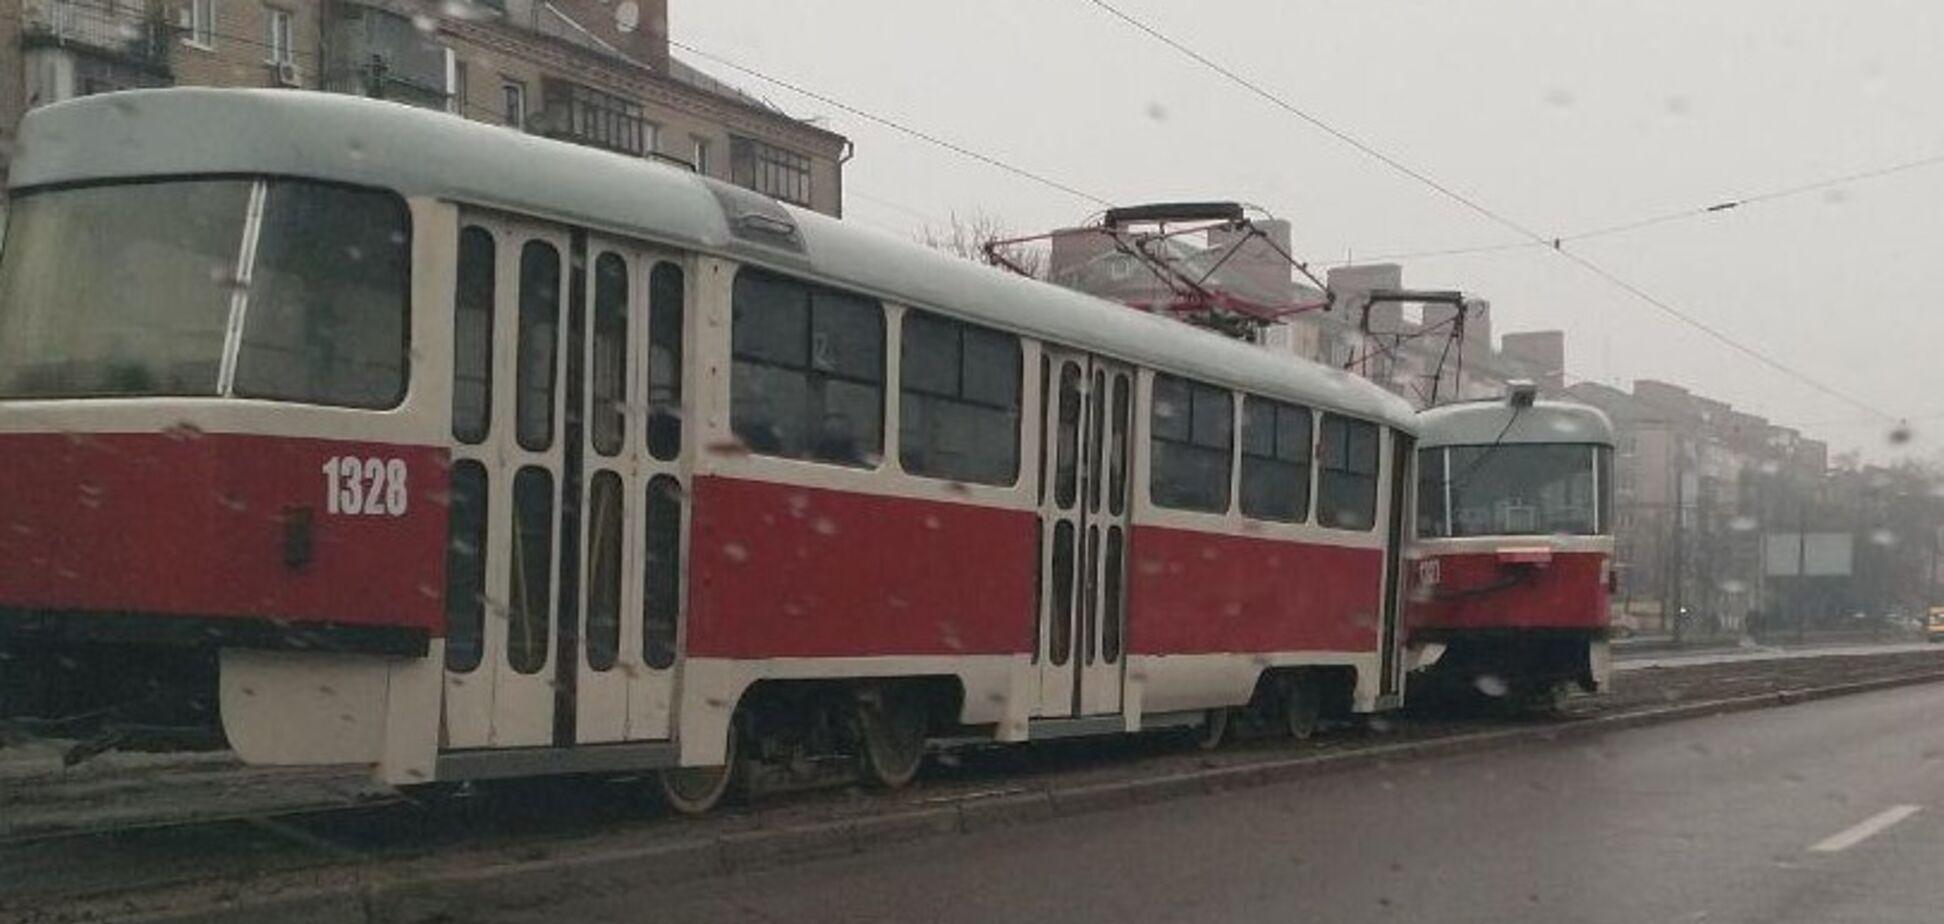 В Днепре трамвай устроил ЧП на дороге. Источник: Фото очевидца